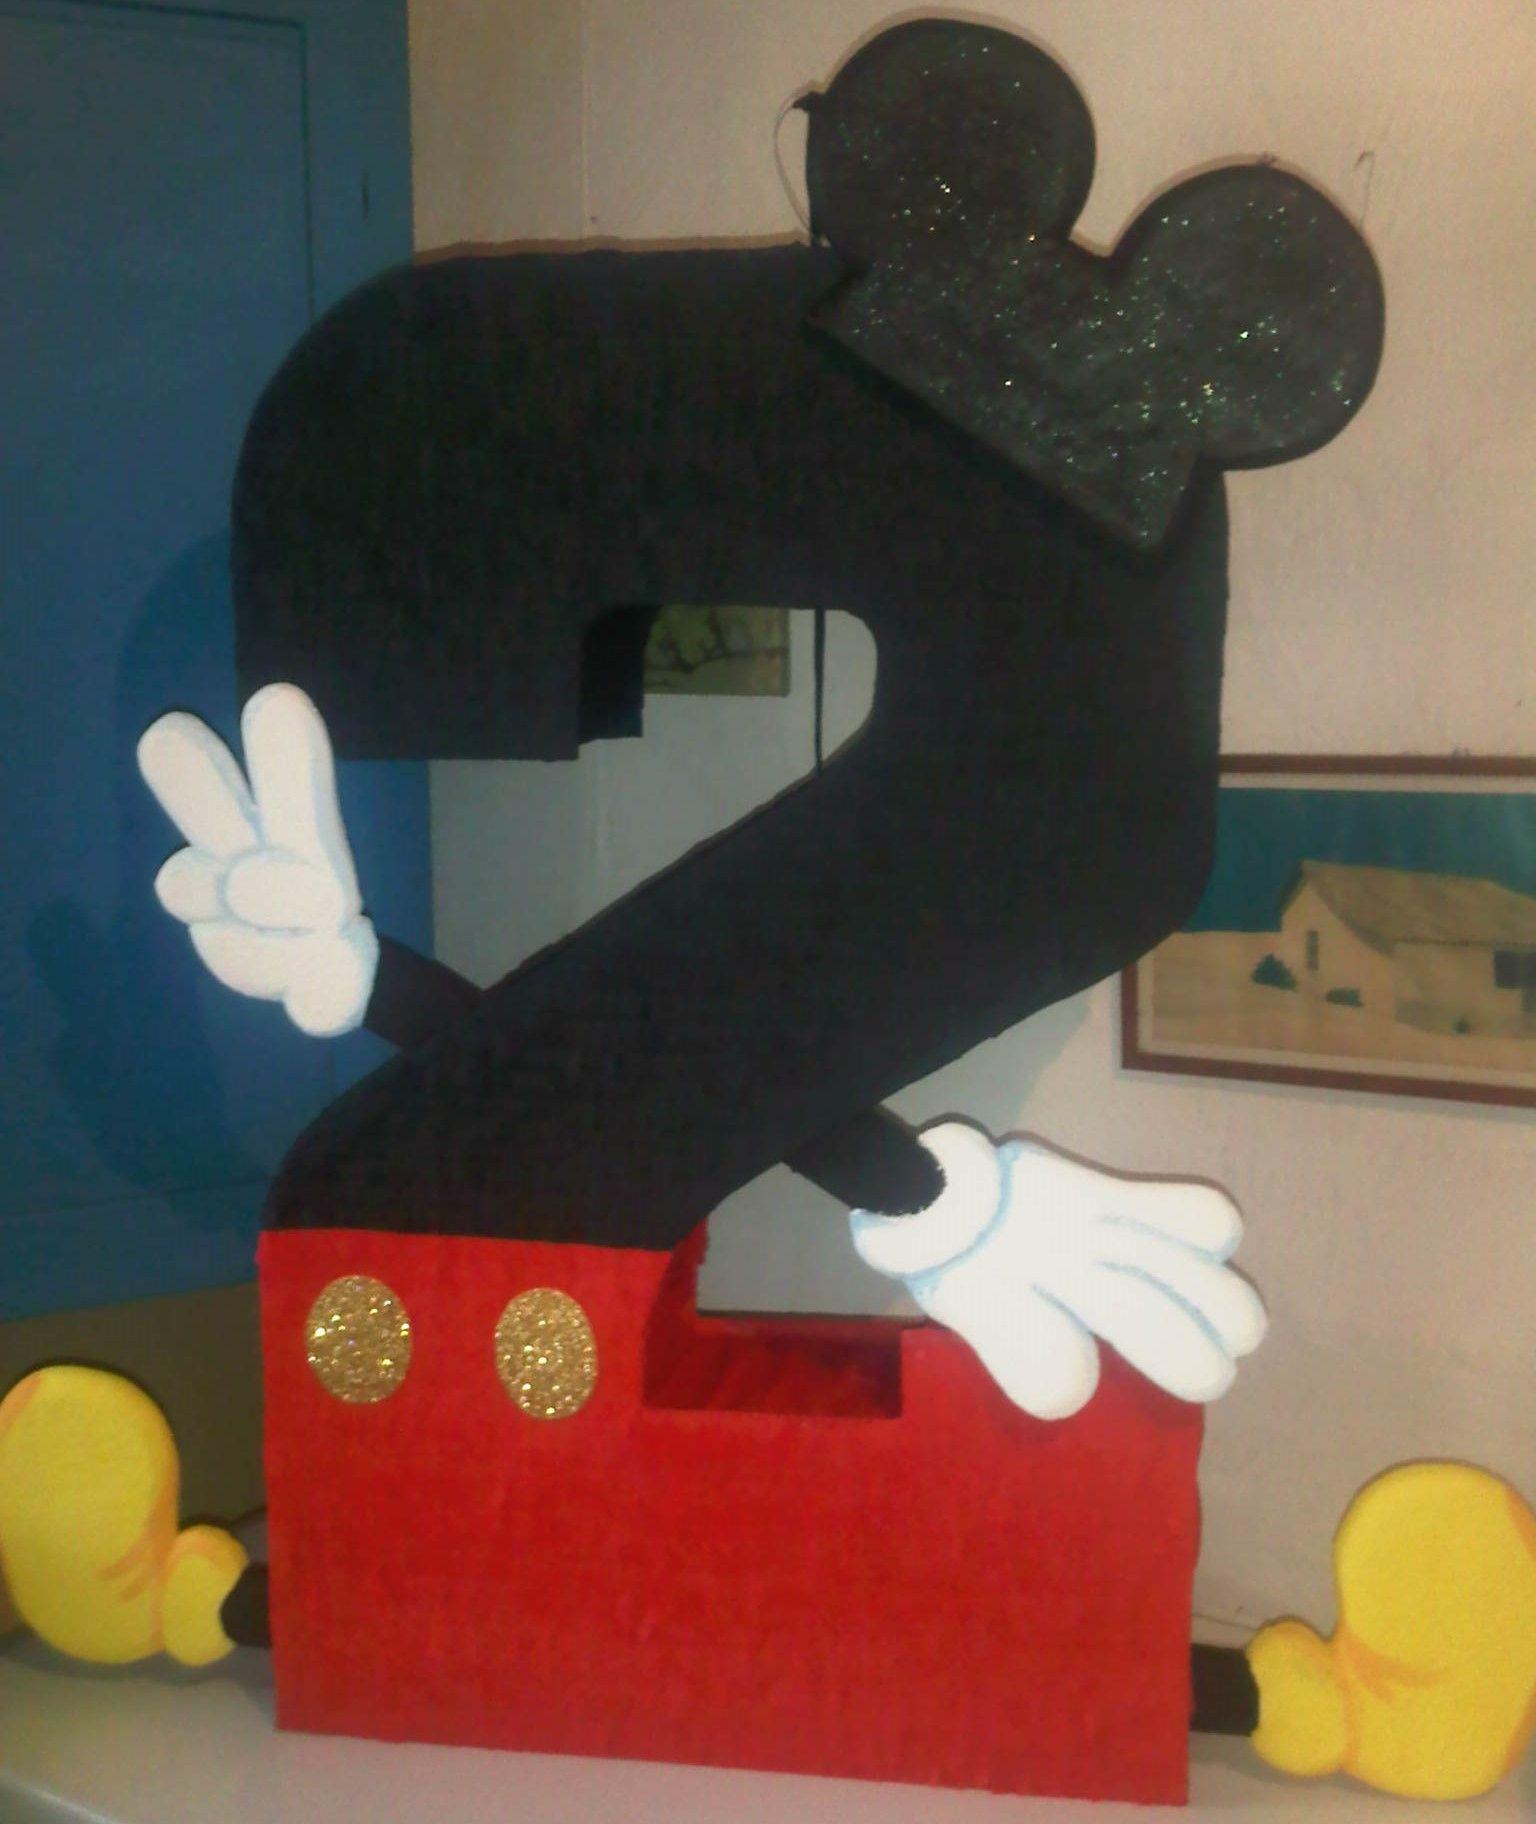 Piñata de Mickey Mouse en número dos Realizados por Bpdisenos Síguenos en : Facebook: bpdisenos Instagram: @bpdisenos